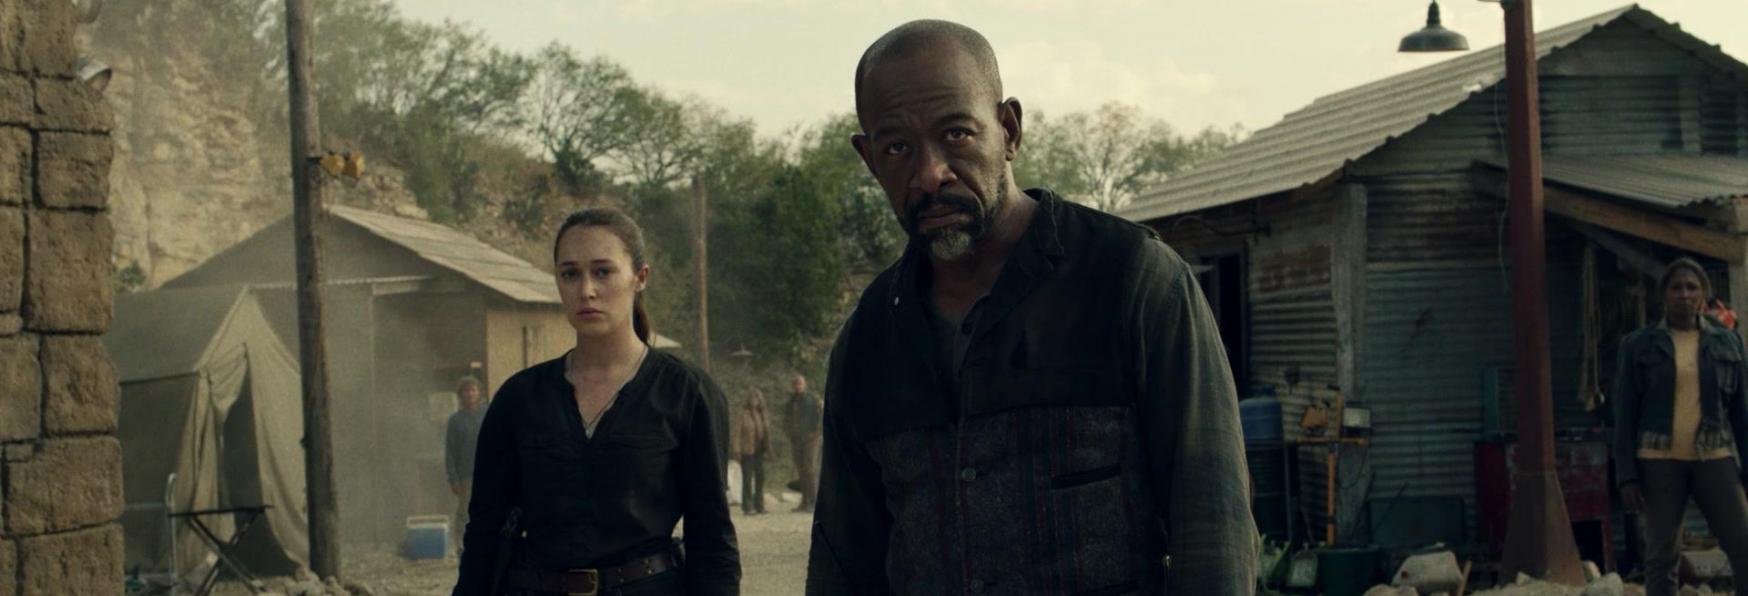 Fear the Walking Dead 6: Trama, Cast, Data e Trailer della nuova Stagione della Serie TV AMC